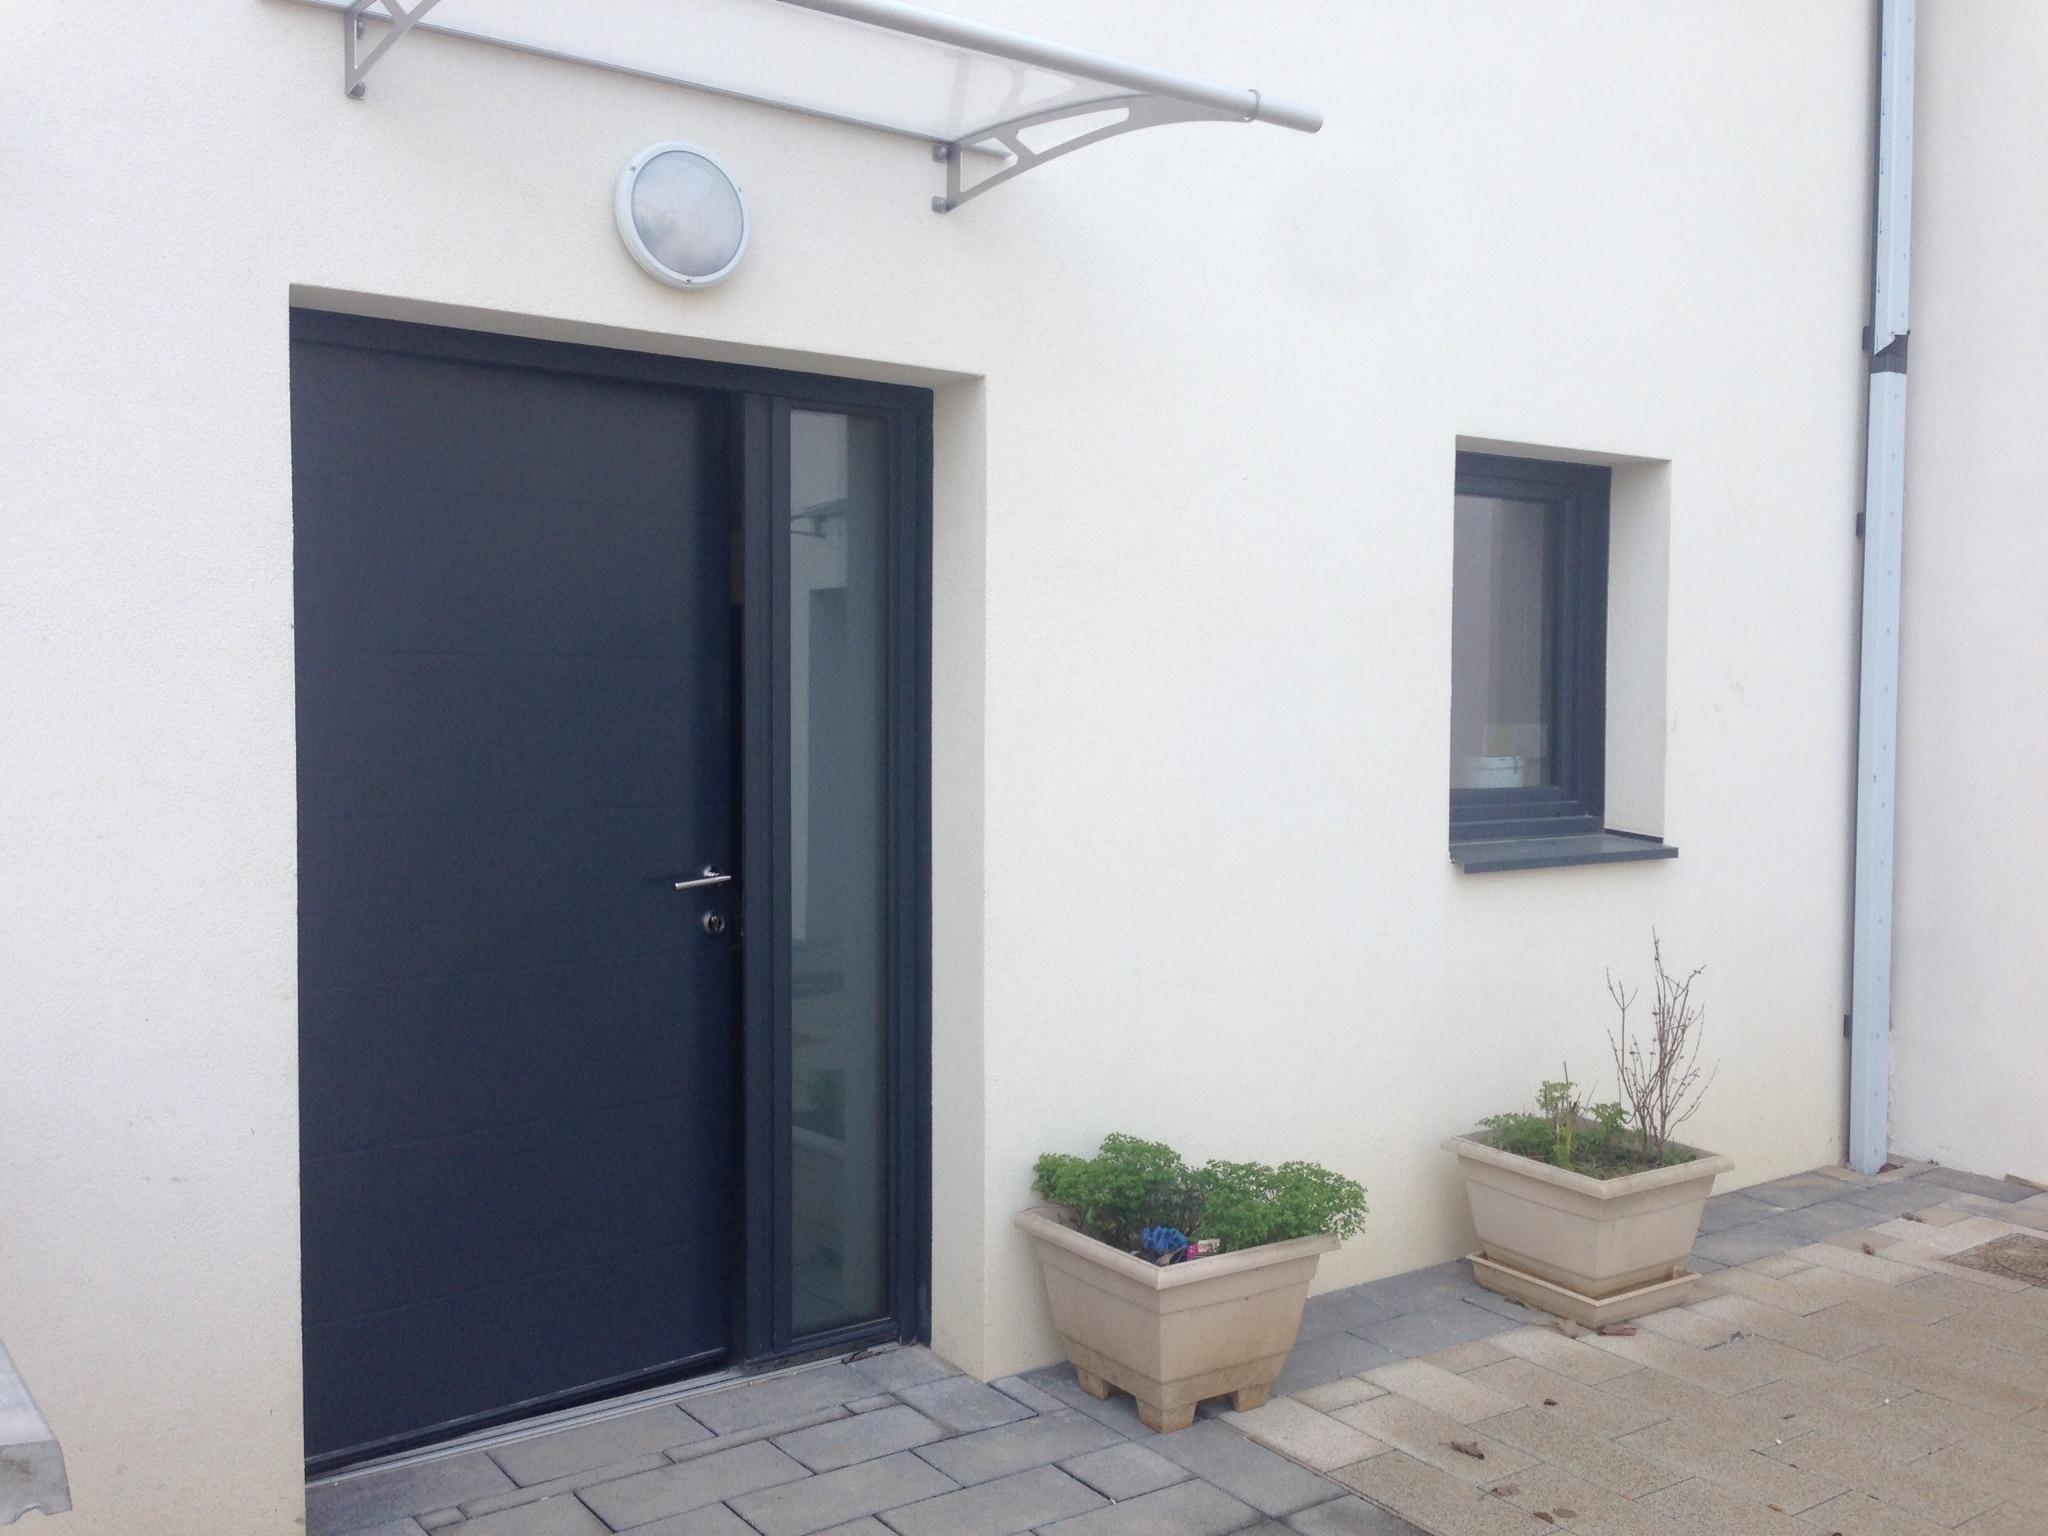 Isolation-Confort - porte d'entrée en aluminium